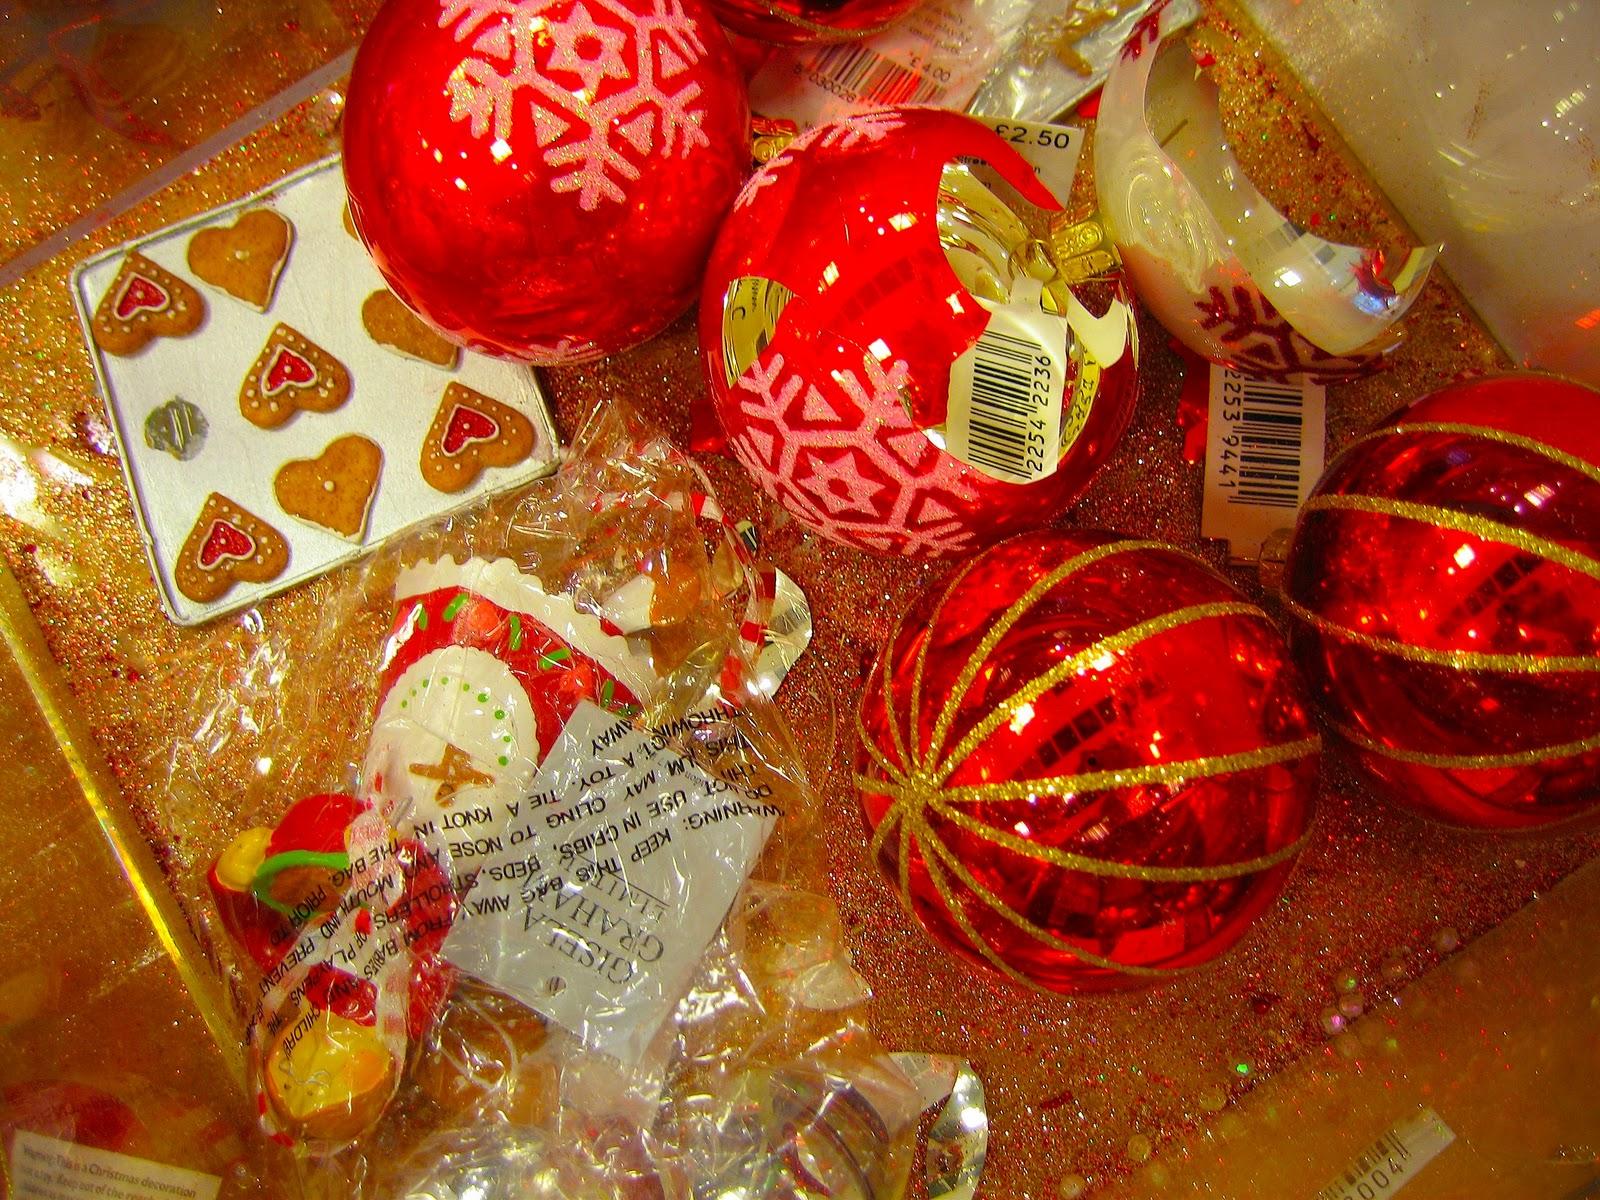 http://1.bp.blogspot.com/-Jn_hIK_FMe8/TtTrAhGU7fI/AAAAAAAAHOo/nbsPoFD2LSU/s1600/Xmas+Vector+Decorations+%252820%2529.jpg